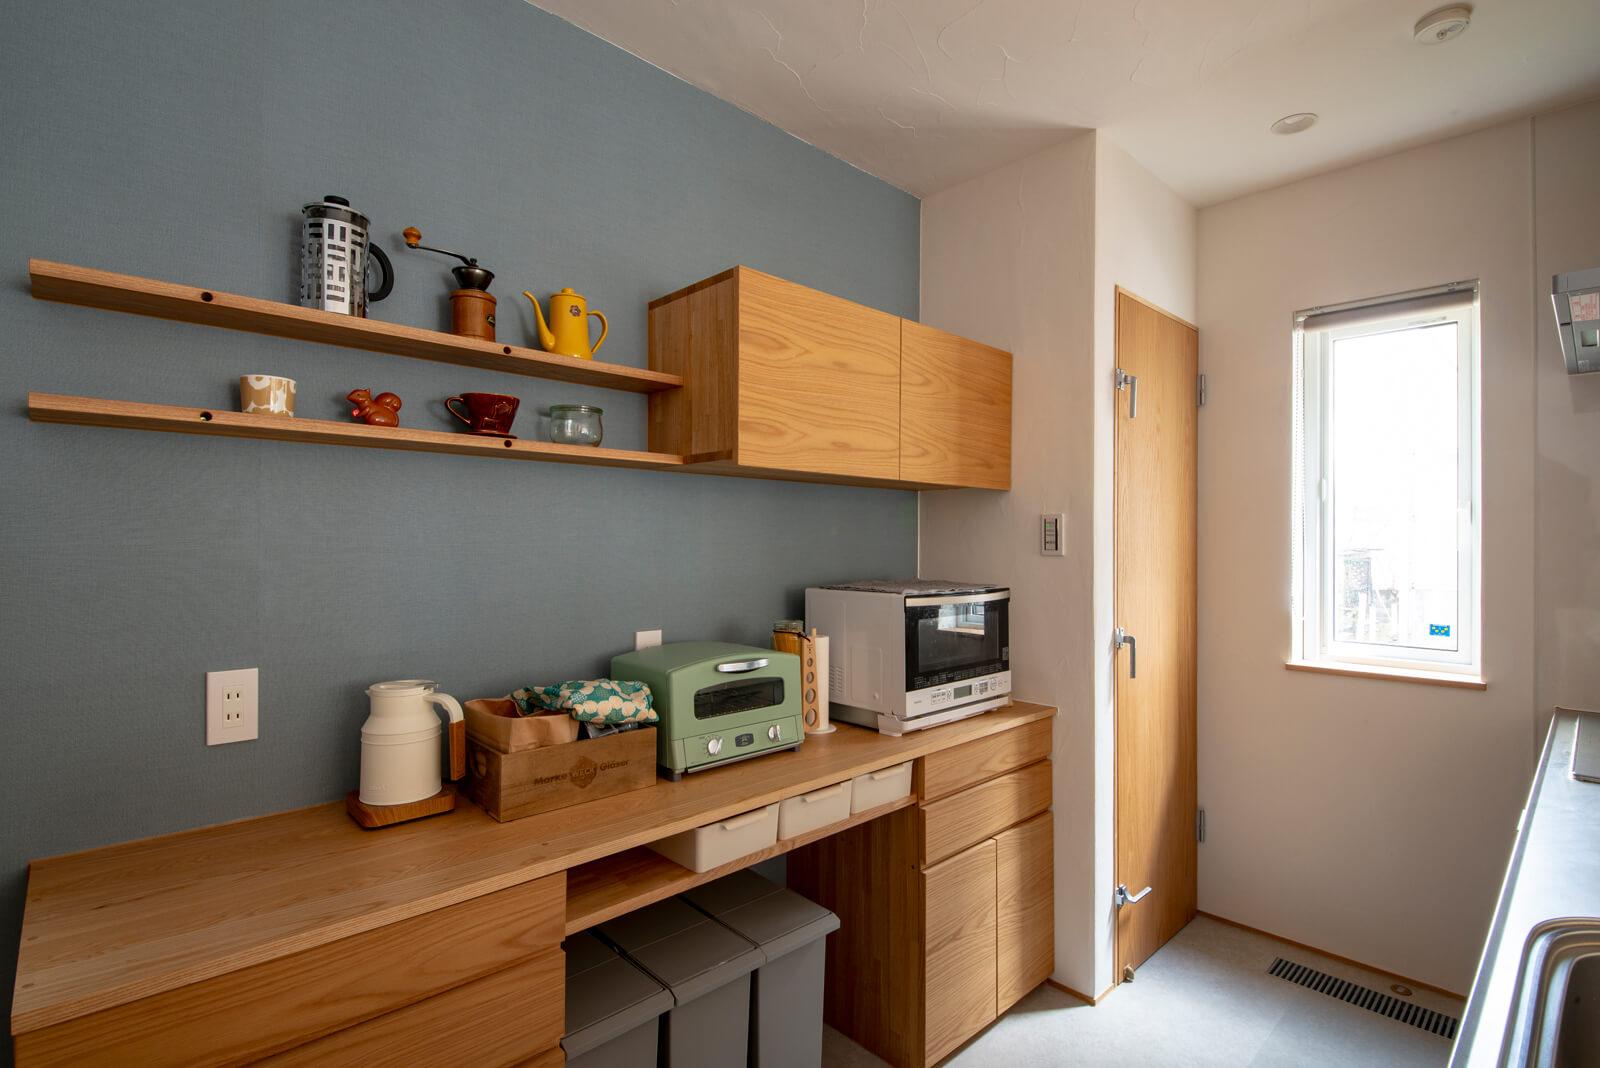 ブルーグレーのアクセントウォールと造作背面収納、食品庫を採用したキッチン。通路幅を広く取ってあるので、夫婦でキッチンに立っても、ストレスフリーで作業ができる